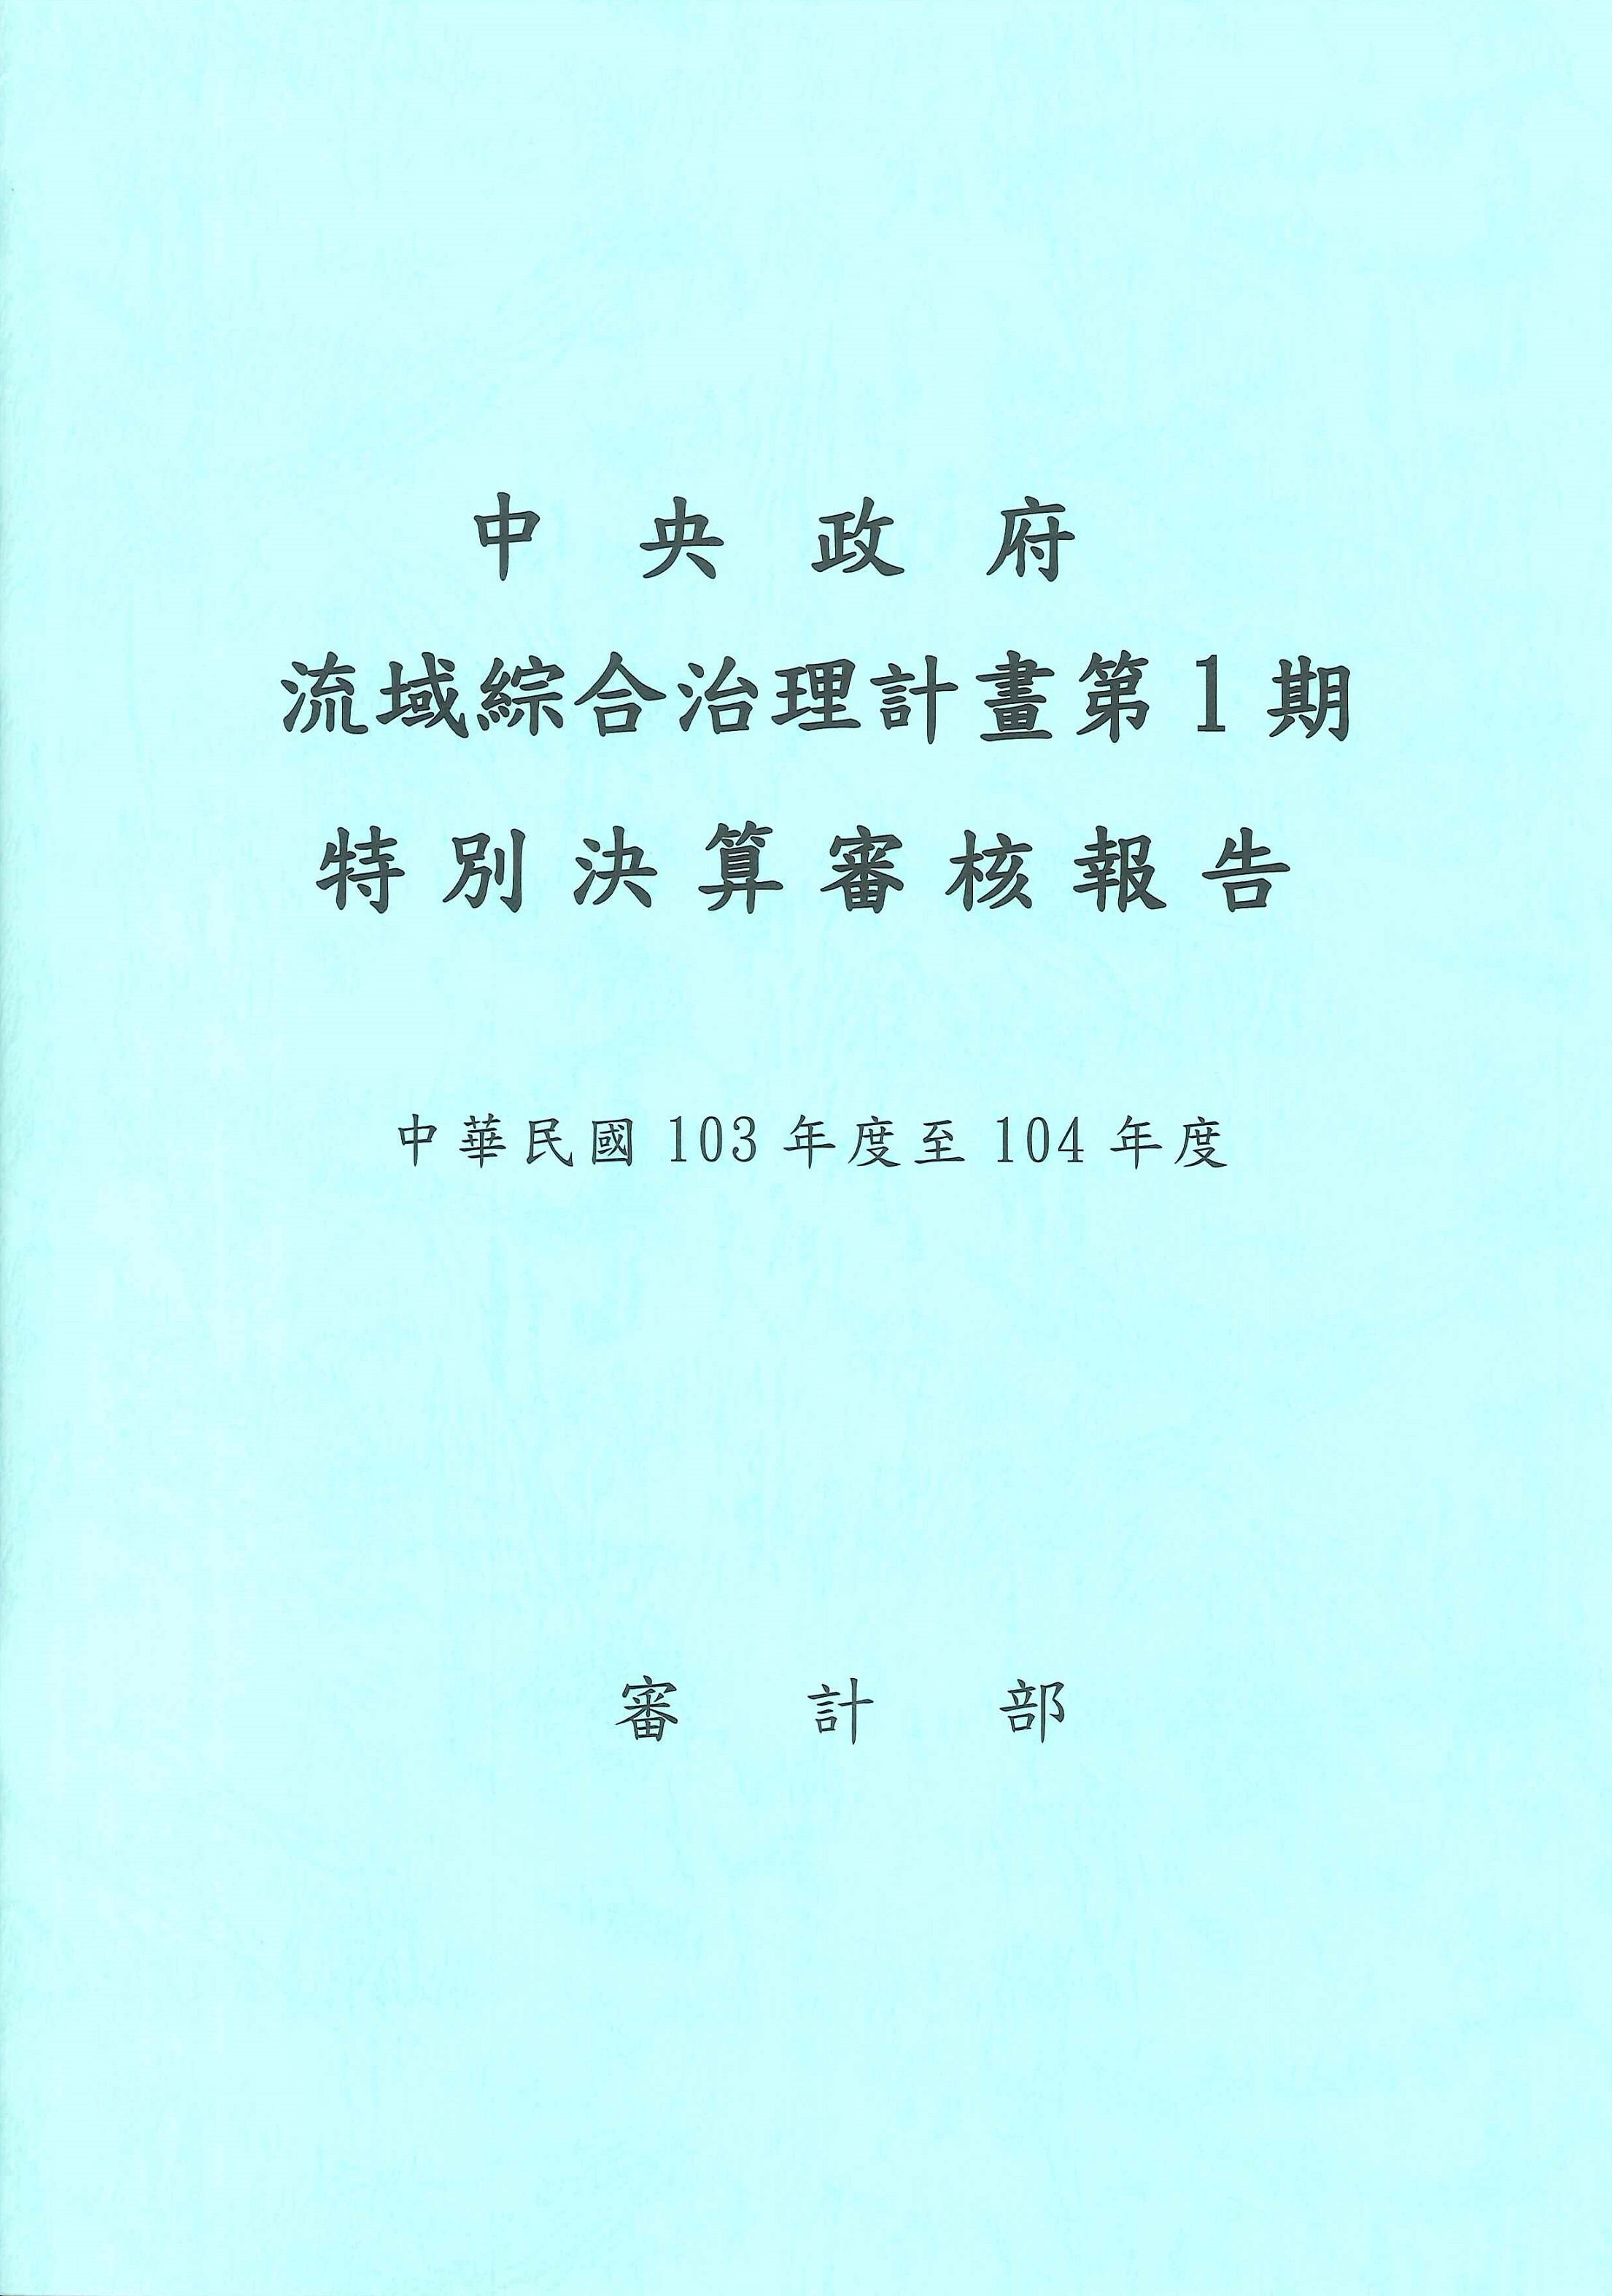 中央政府流域綜合治理計畫第1期特別決算審核報告.中華民國103年度至104年度